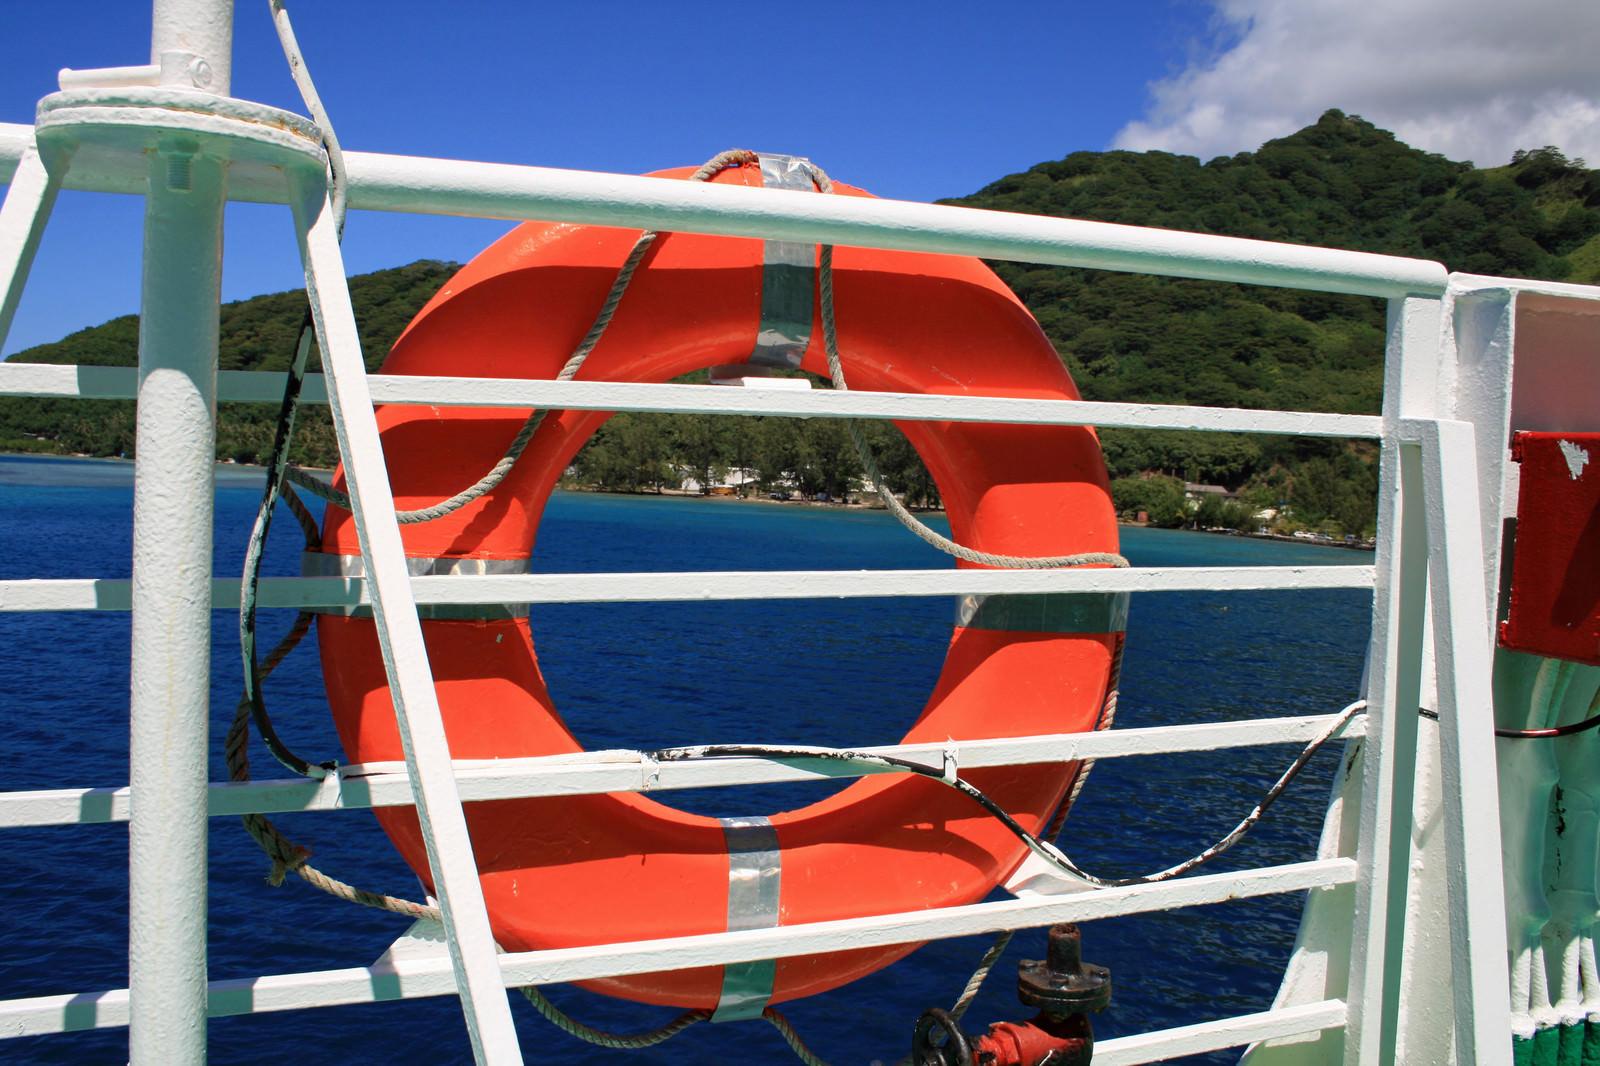 「救命浮き輪」の写真